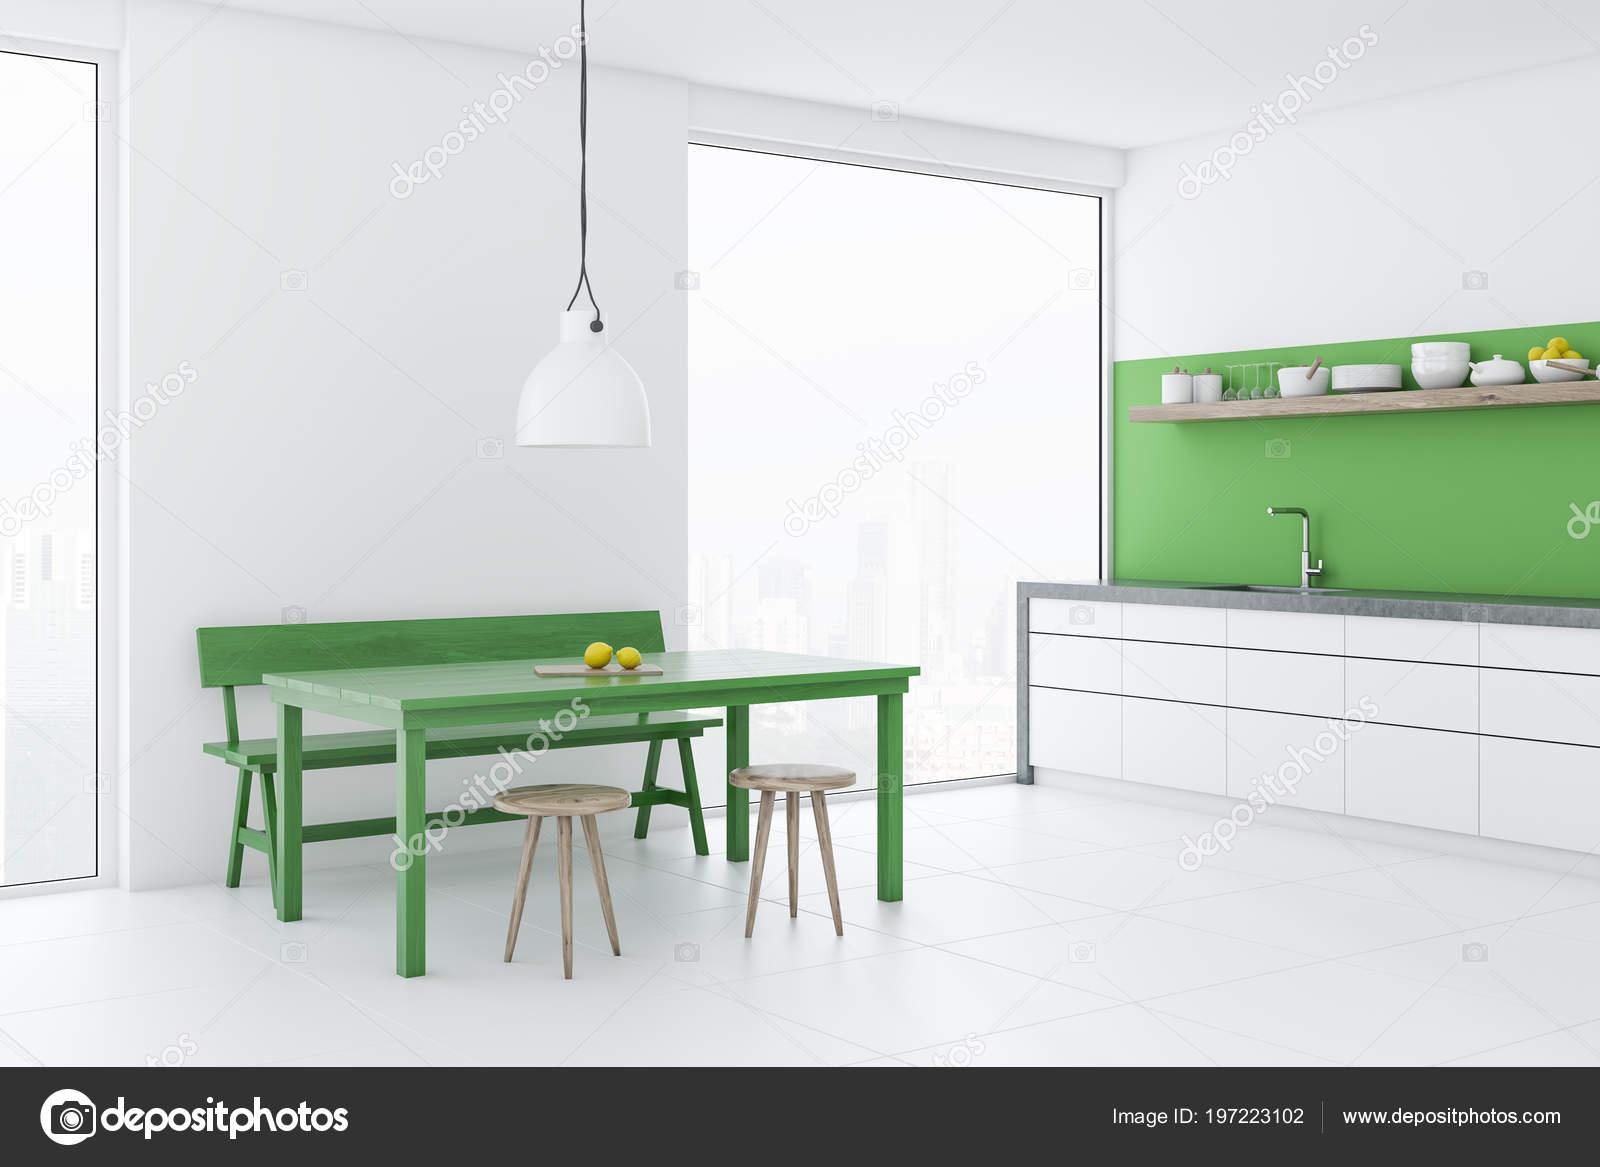 белой столовой кухонный уголок чердак Windows зеленый стол